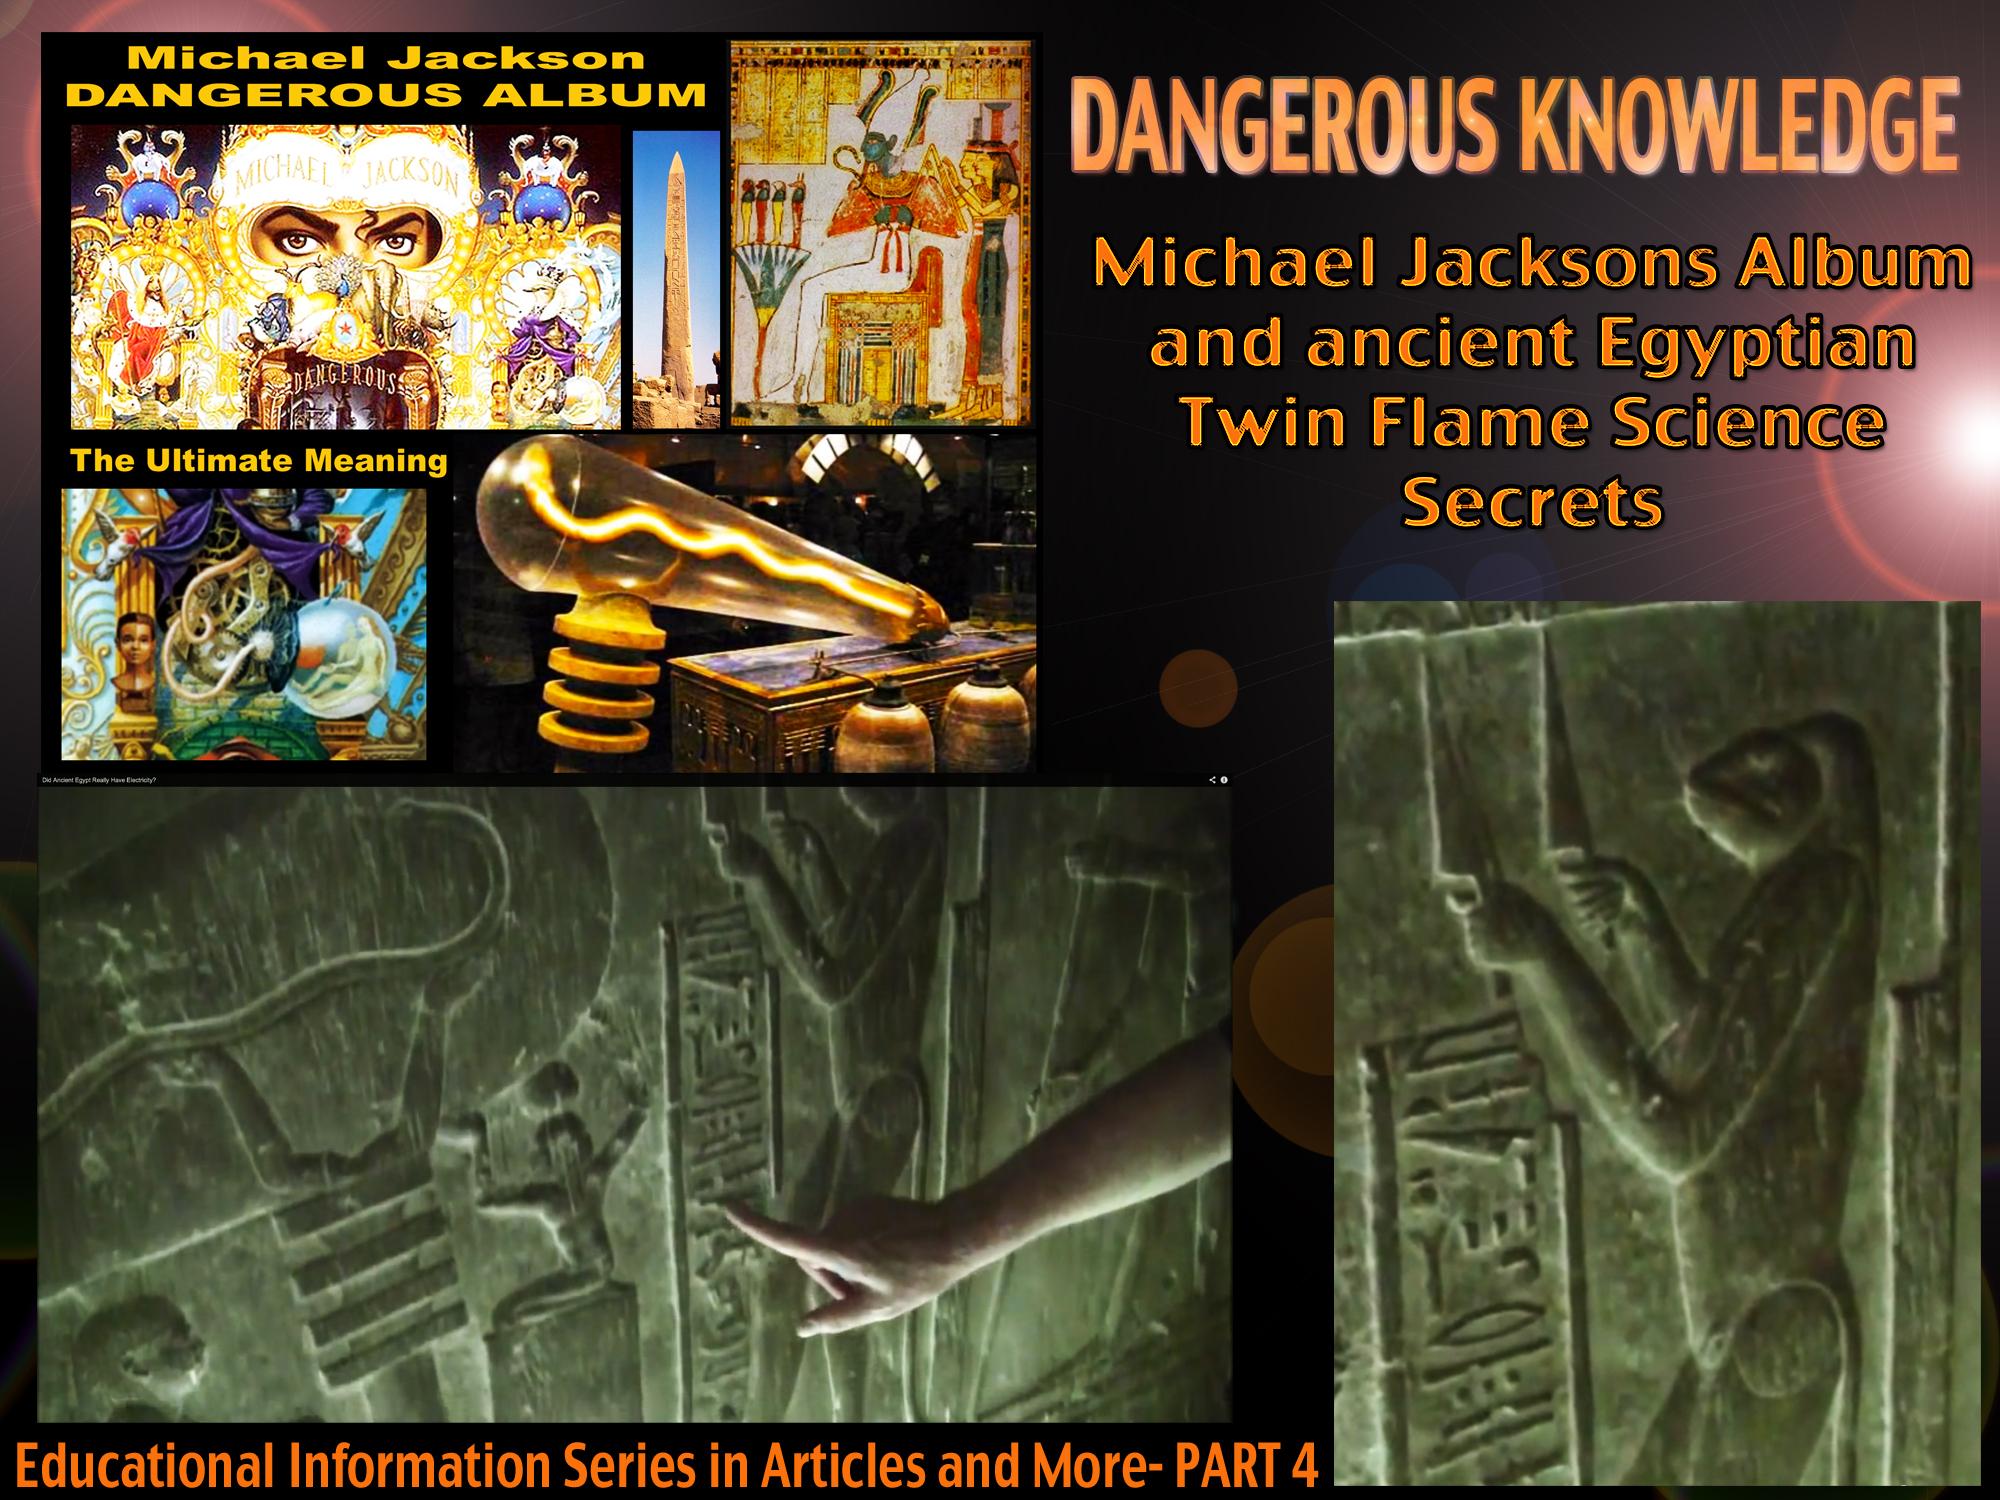 Michael Jackson Dangerous Album Special Series About